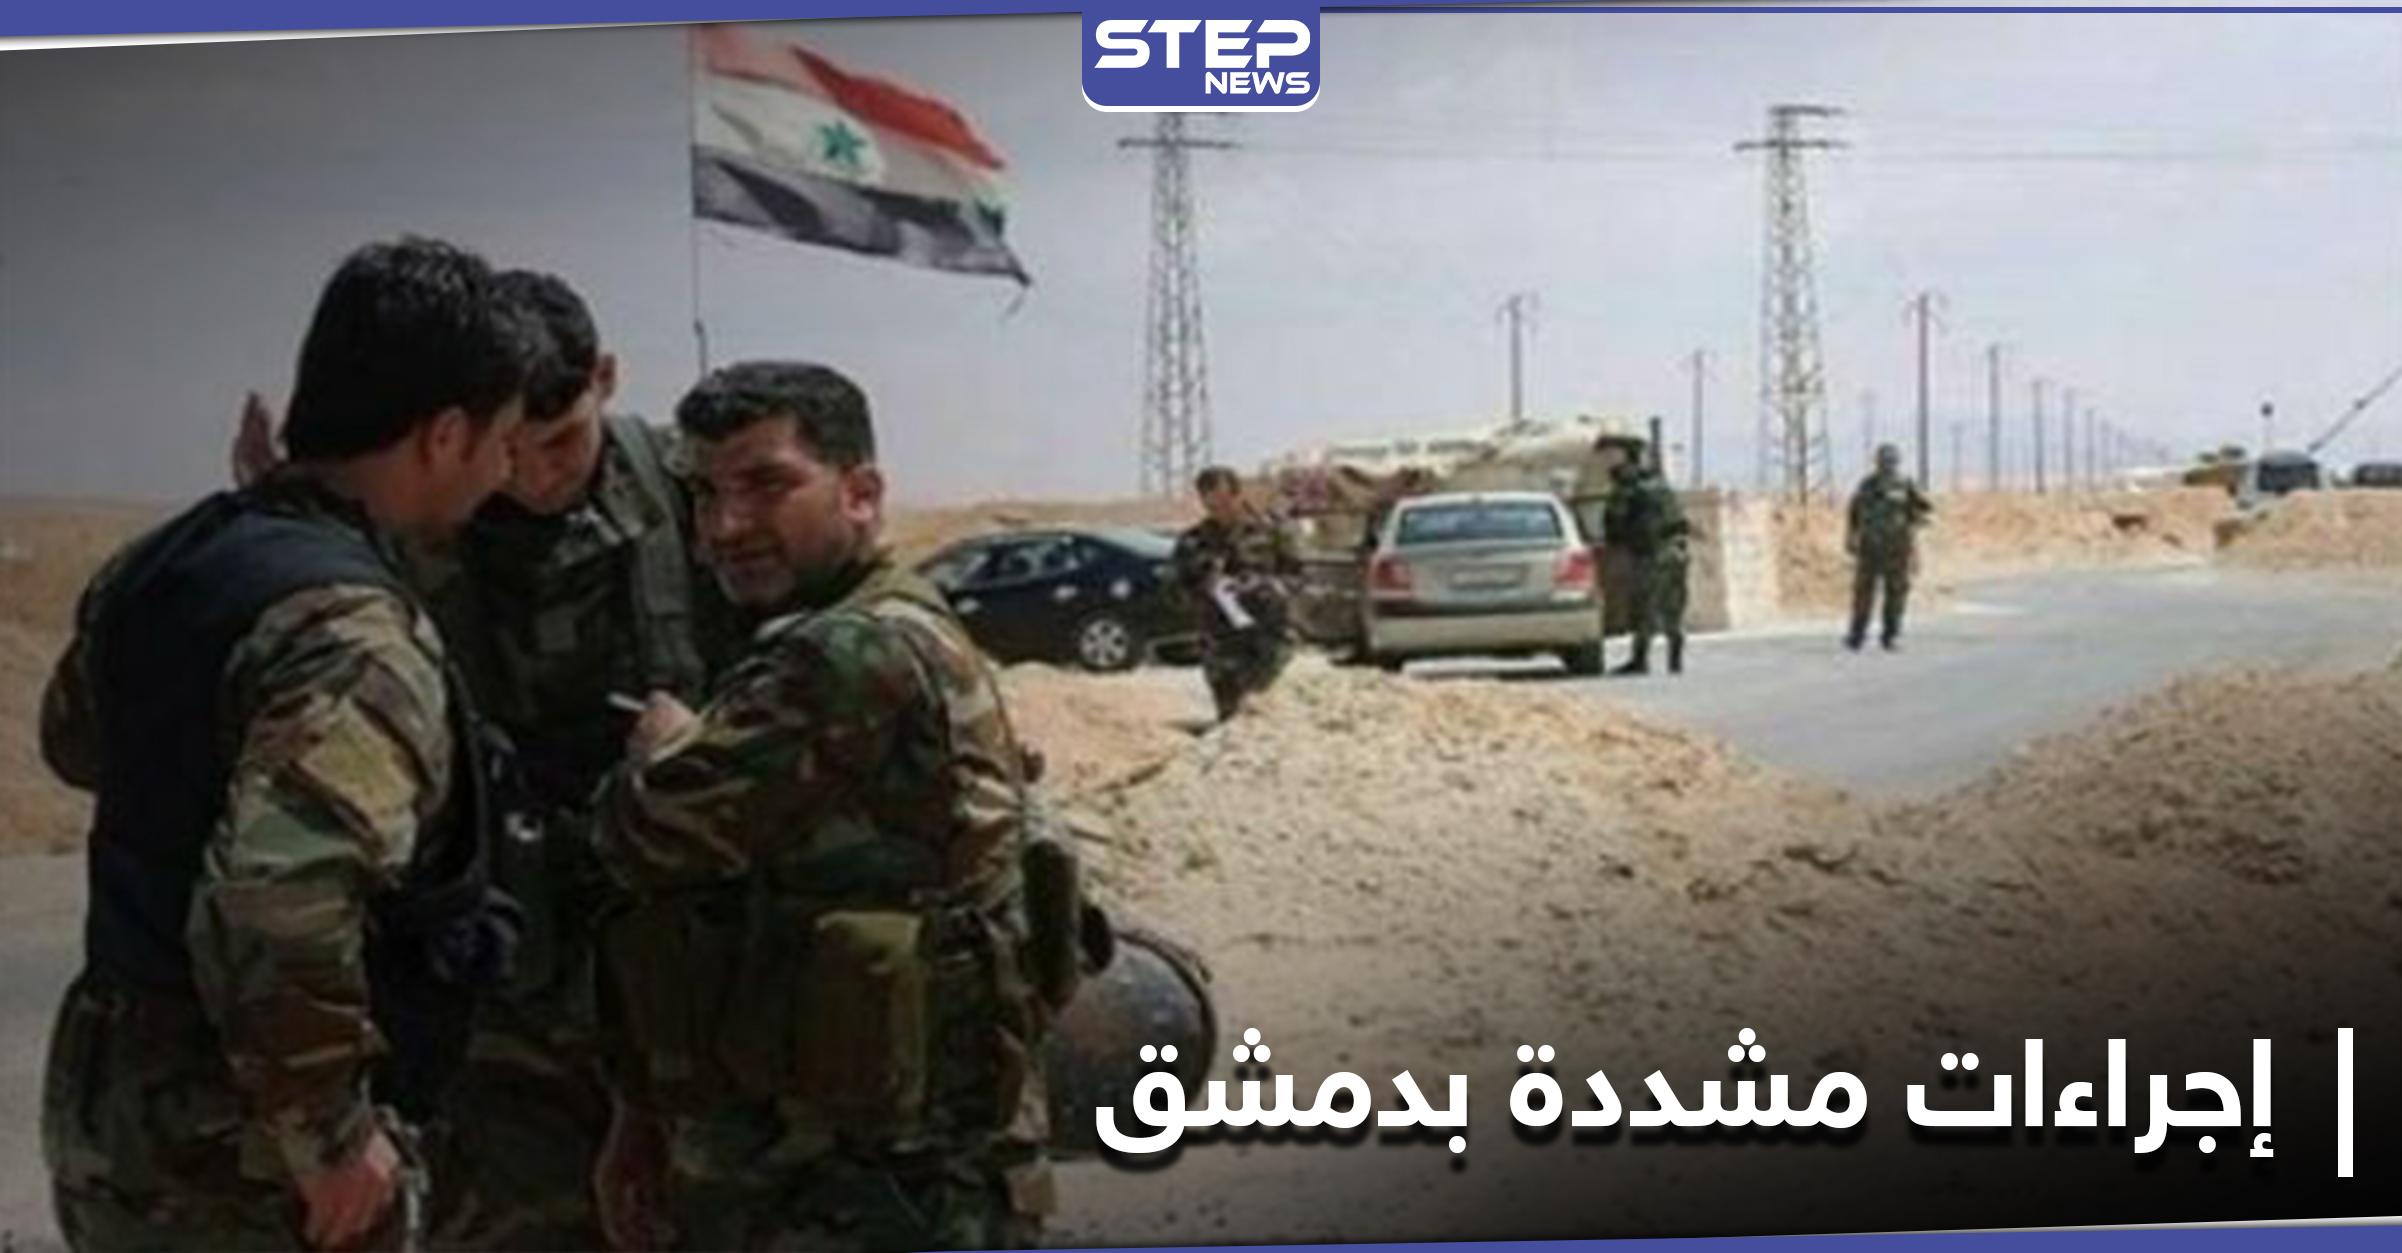 لخوفه من المظاهرات... النظام السوري يتخذ إجراءات مشددة في دمشق وريفها